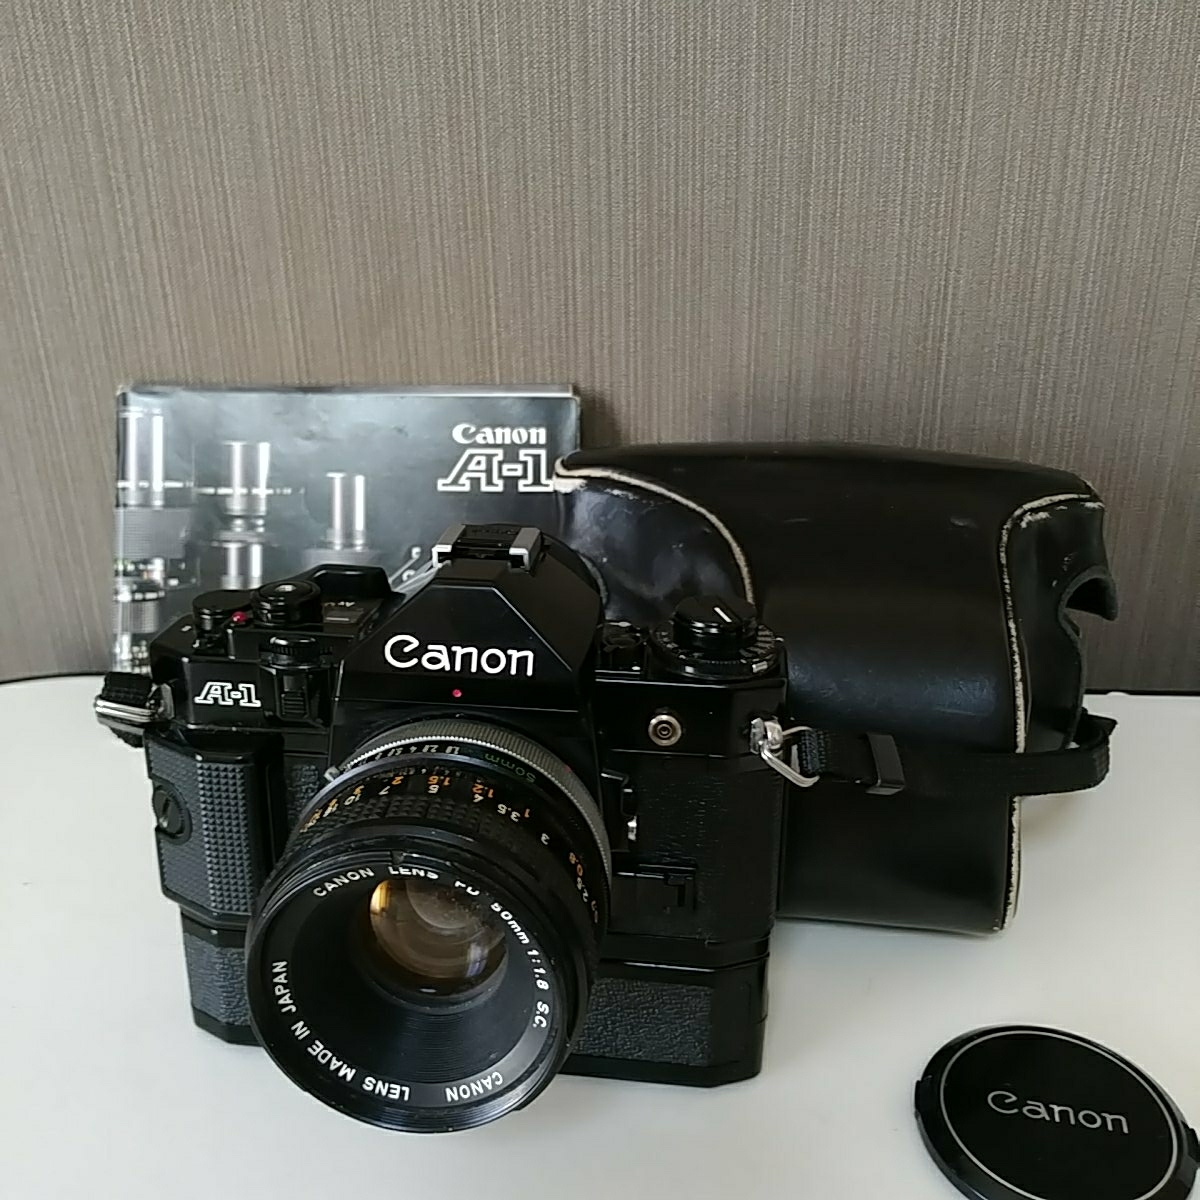 Canon A-1 パワーワインダー A 50㎜ 1:1.8 名機 一眼レフ/フィルムカメラ 使用説明書つき キャノン ブラック レンズセット 昭和レトロ